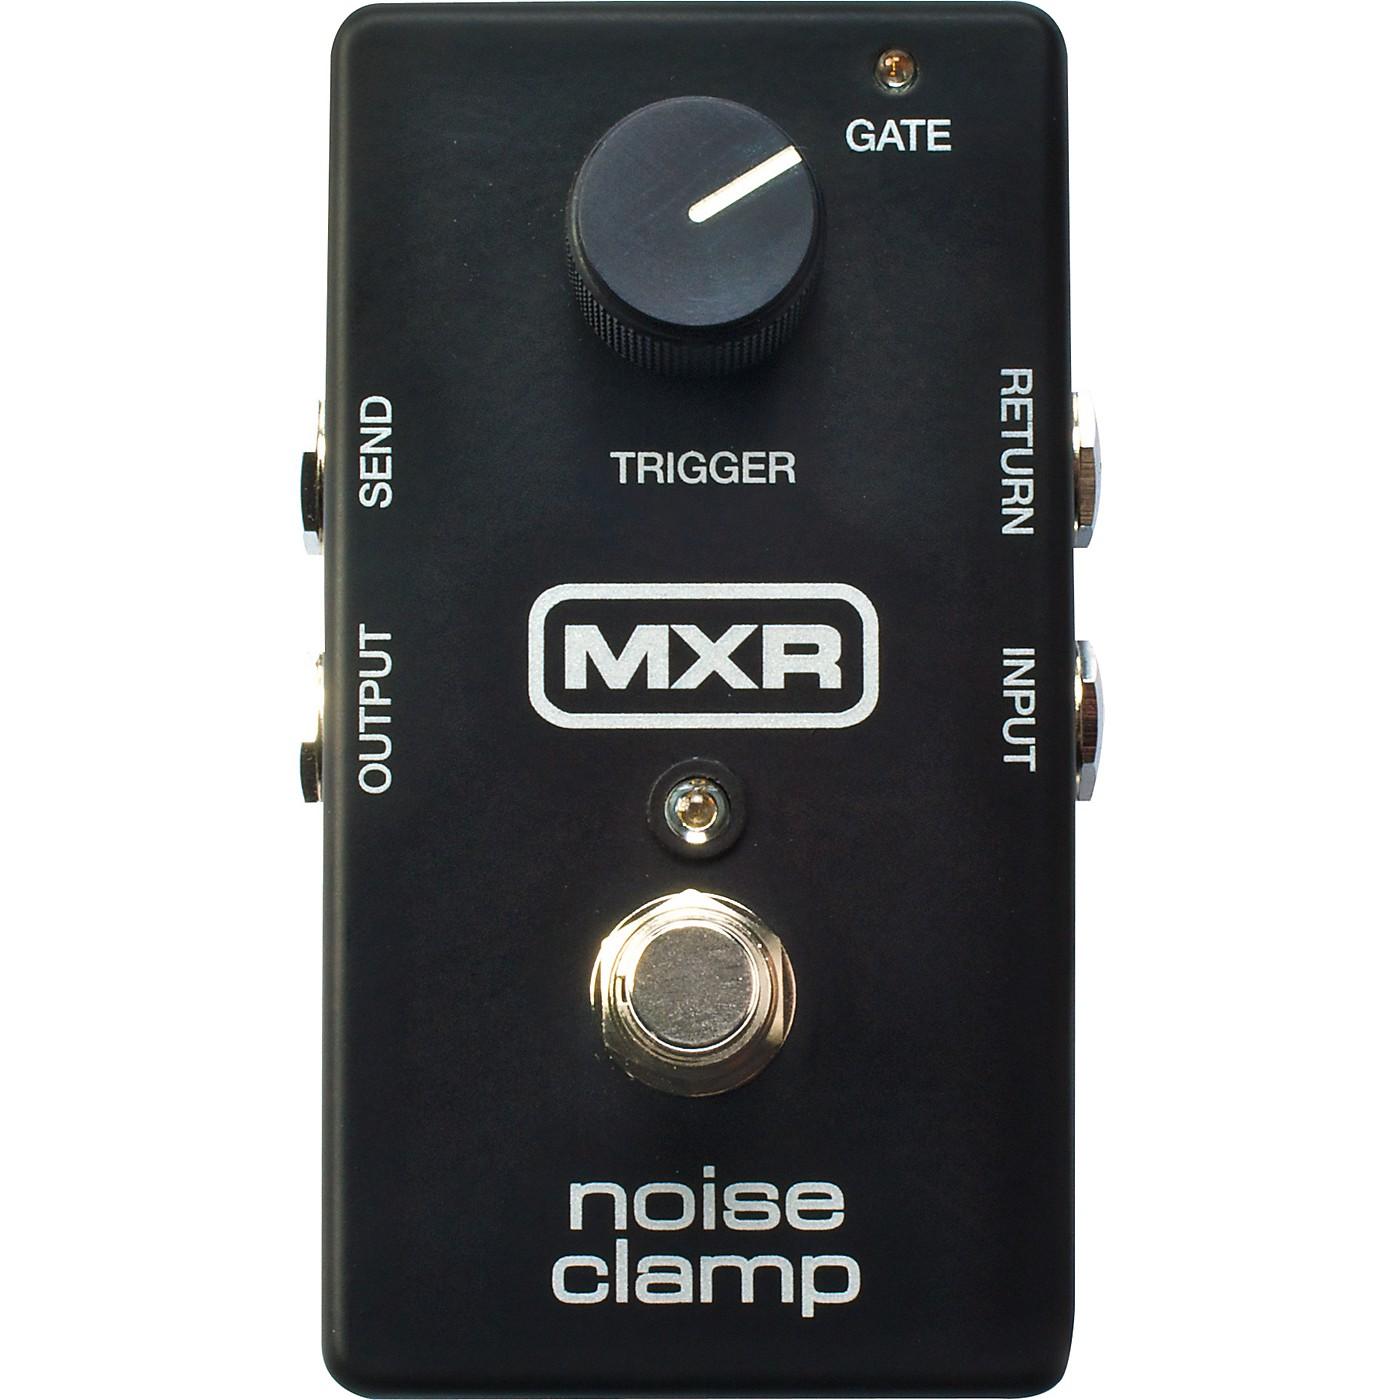 MXR M195 Noise Clamp Noise Reduction Guitar Effects Pedal thumbnail